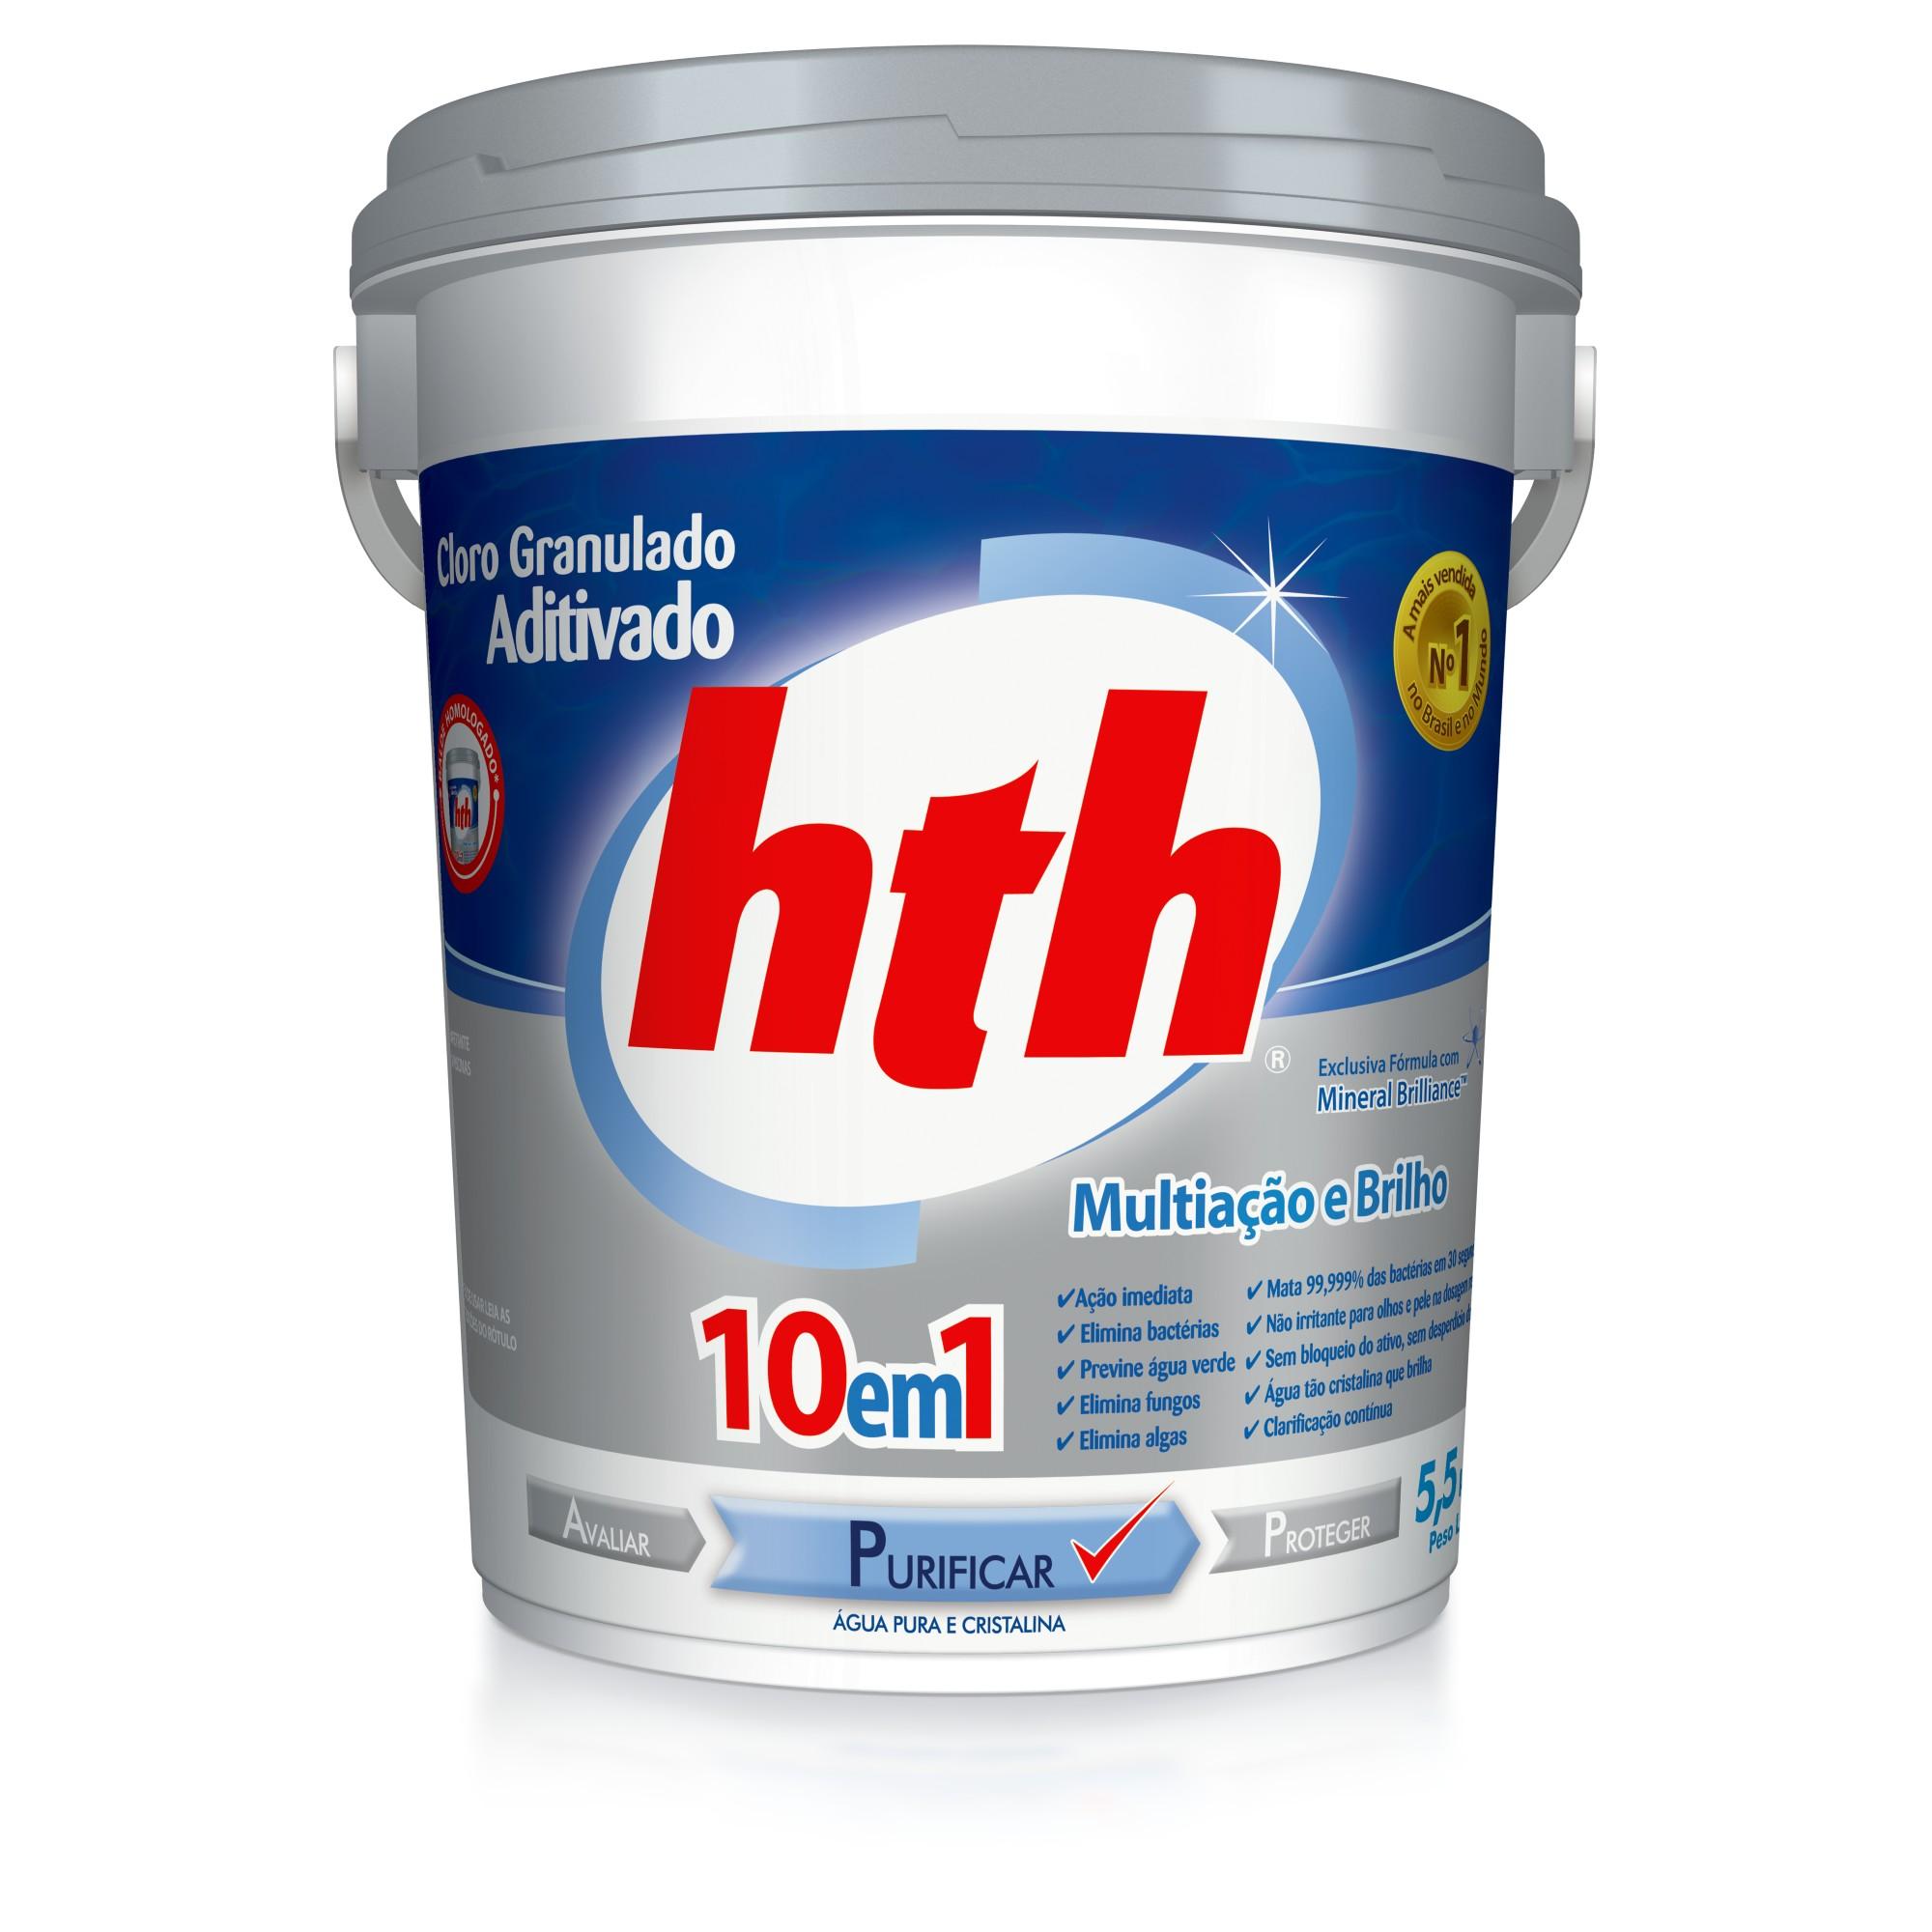 Cloro Granulado Aditivado para Piscina 55kg Multiacao e Brilho 10 em 1 Agua Pura e Cristalina com Mineral Brilliance - Hth